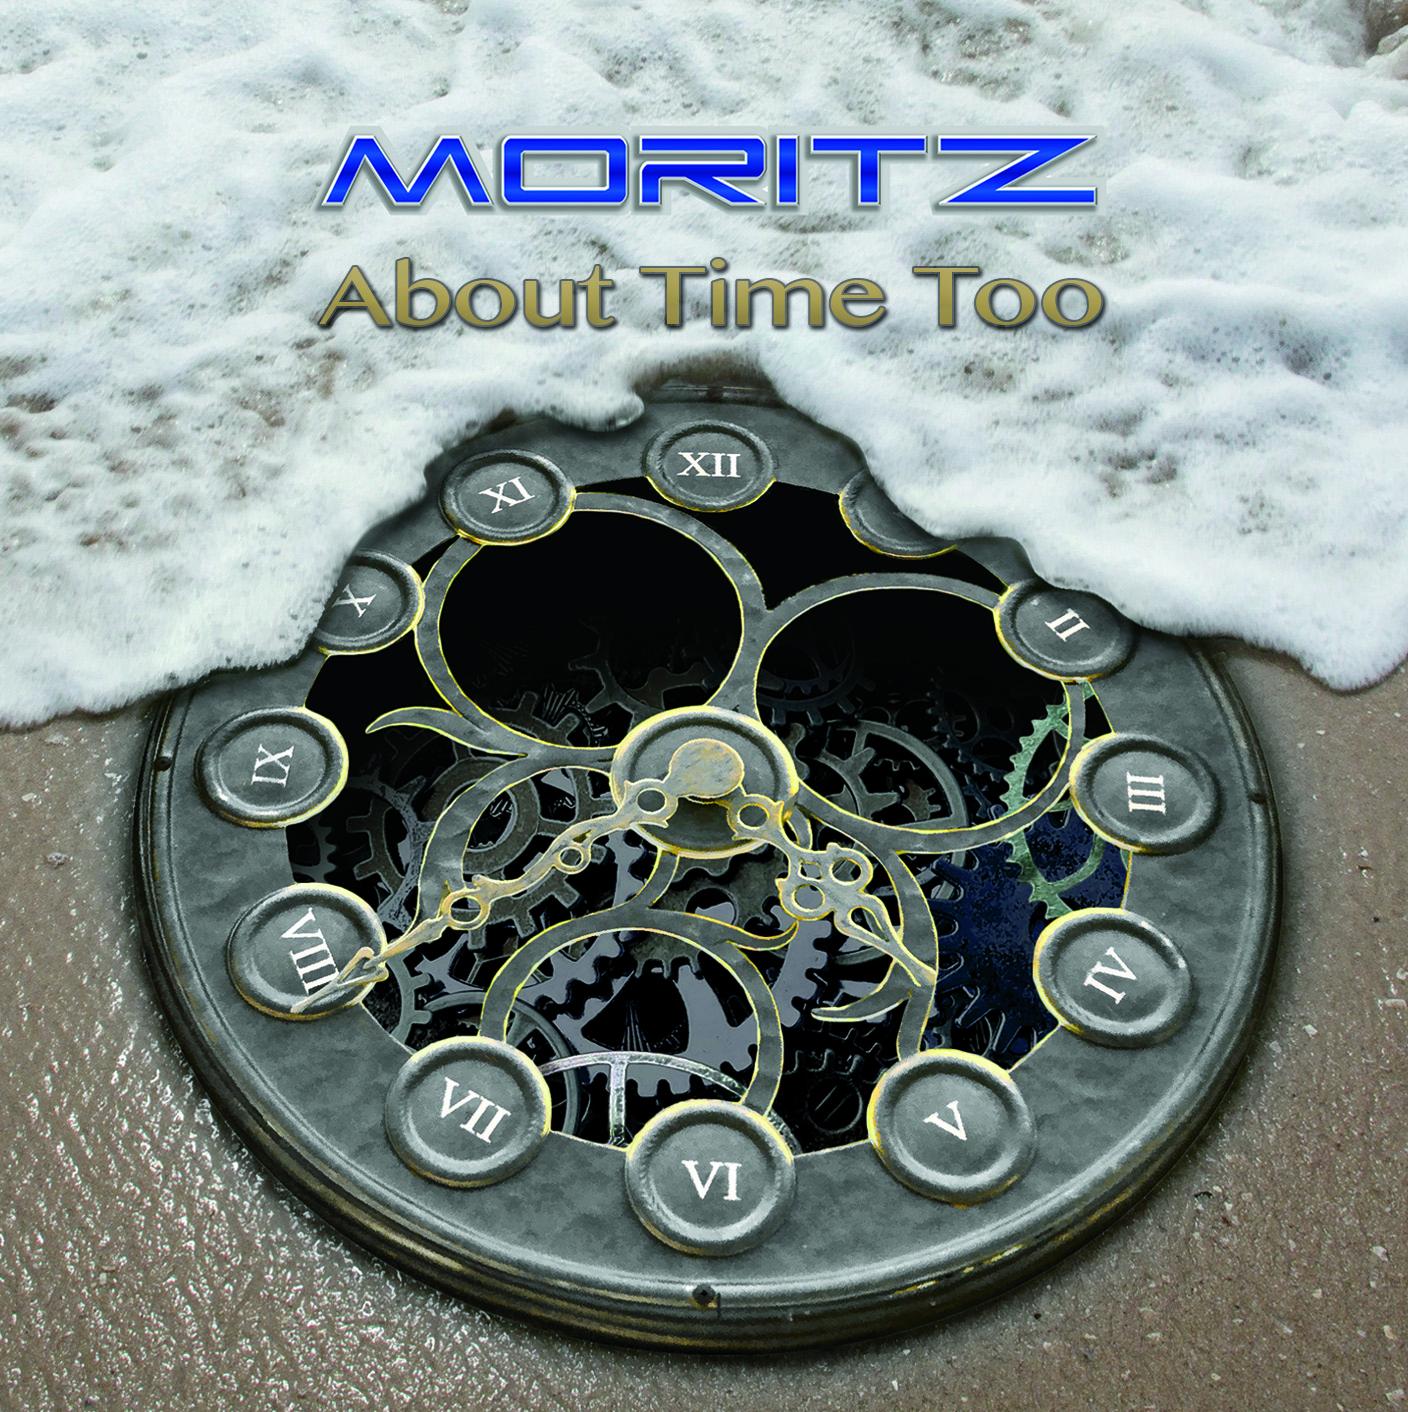 MORITZ ATT